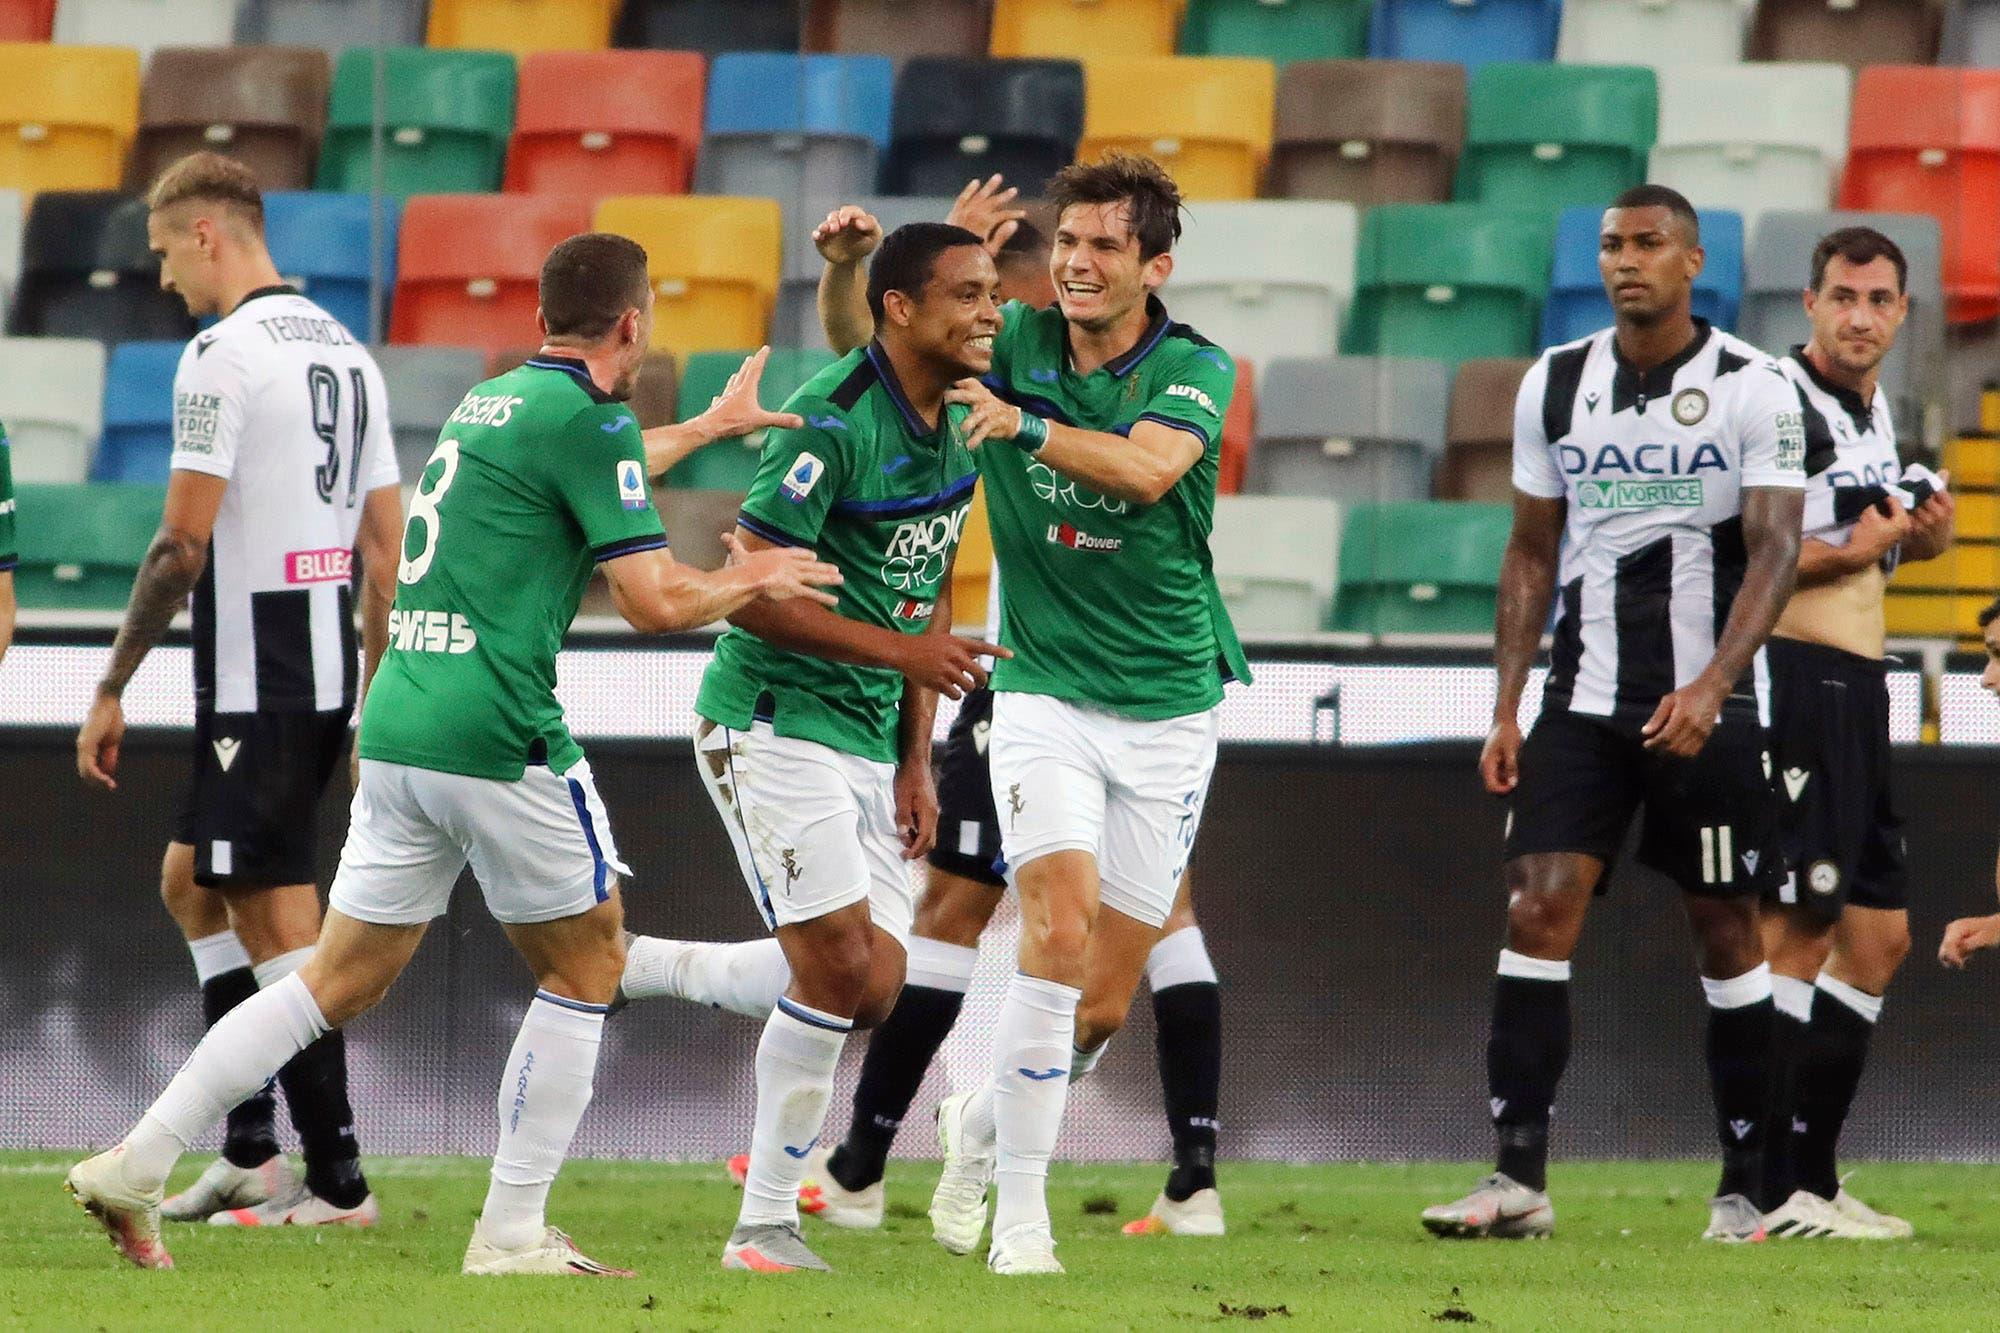 Serie A: las dos joyitas de Luis Muriel para Atalanta, el equipo que revoluciona el fútbol italiano